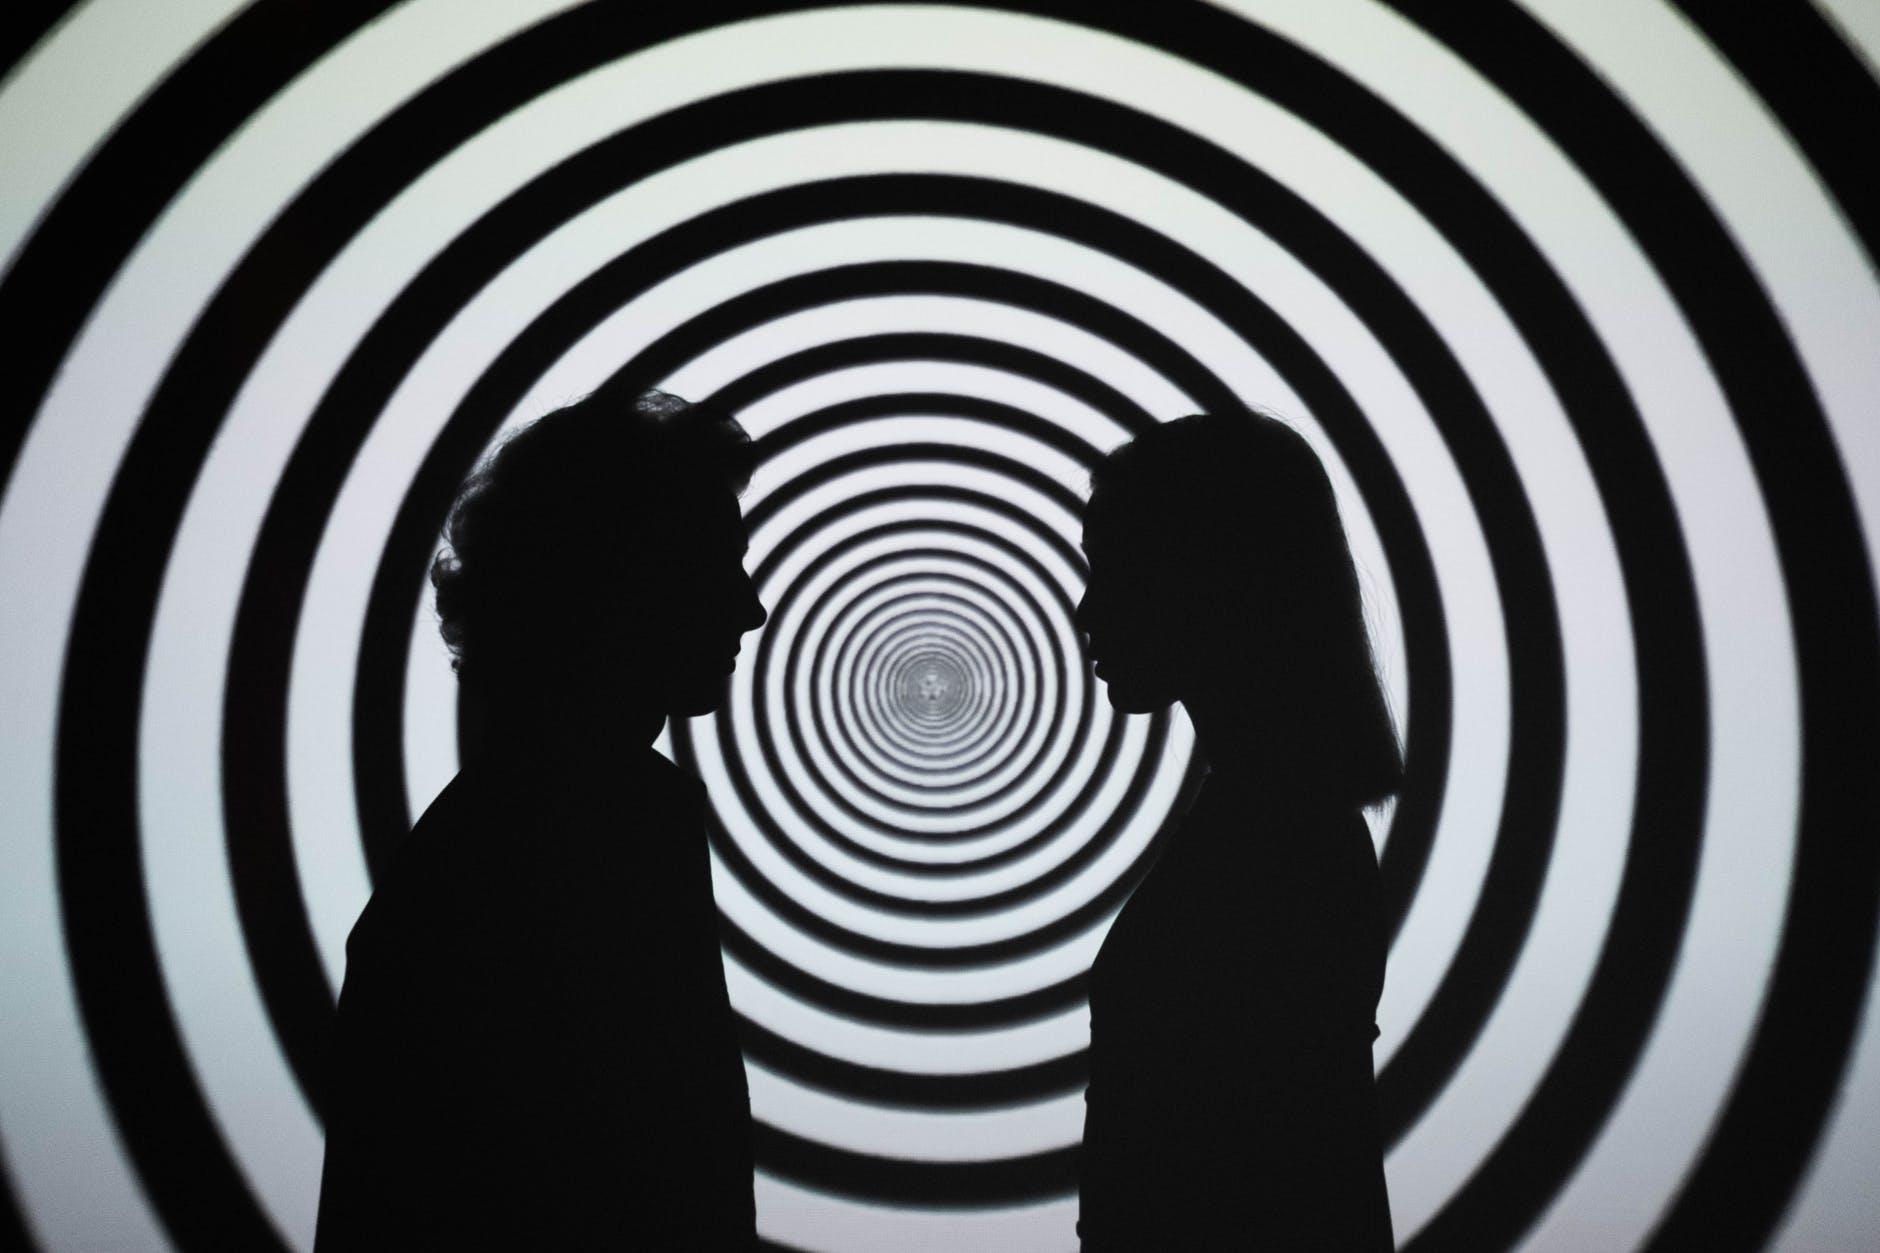 El cerebro se divide durante la hipnosis